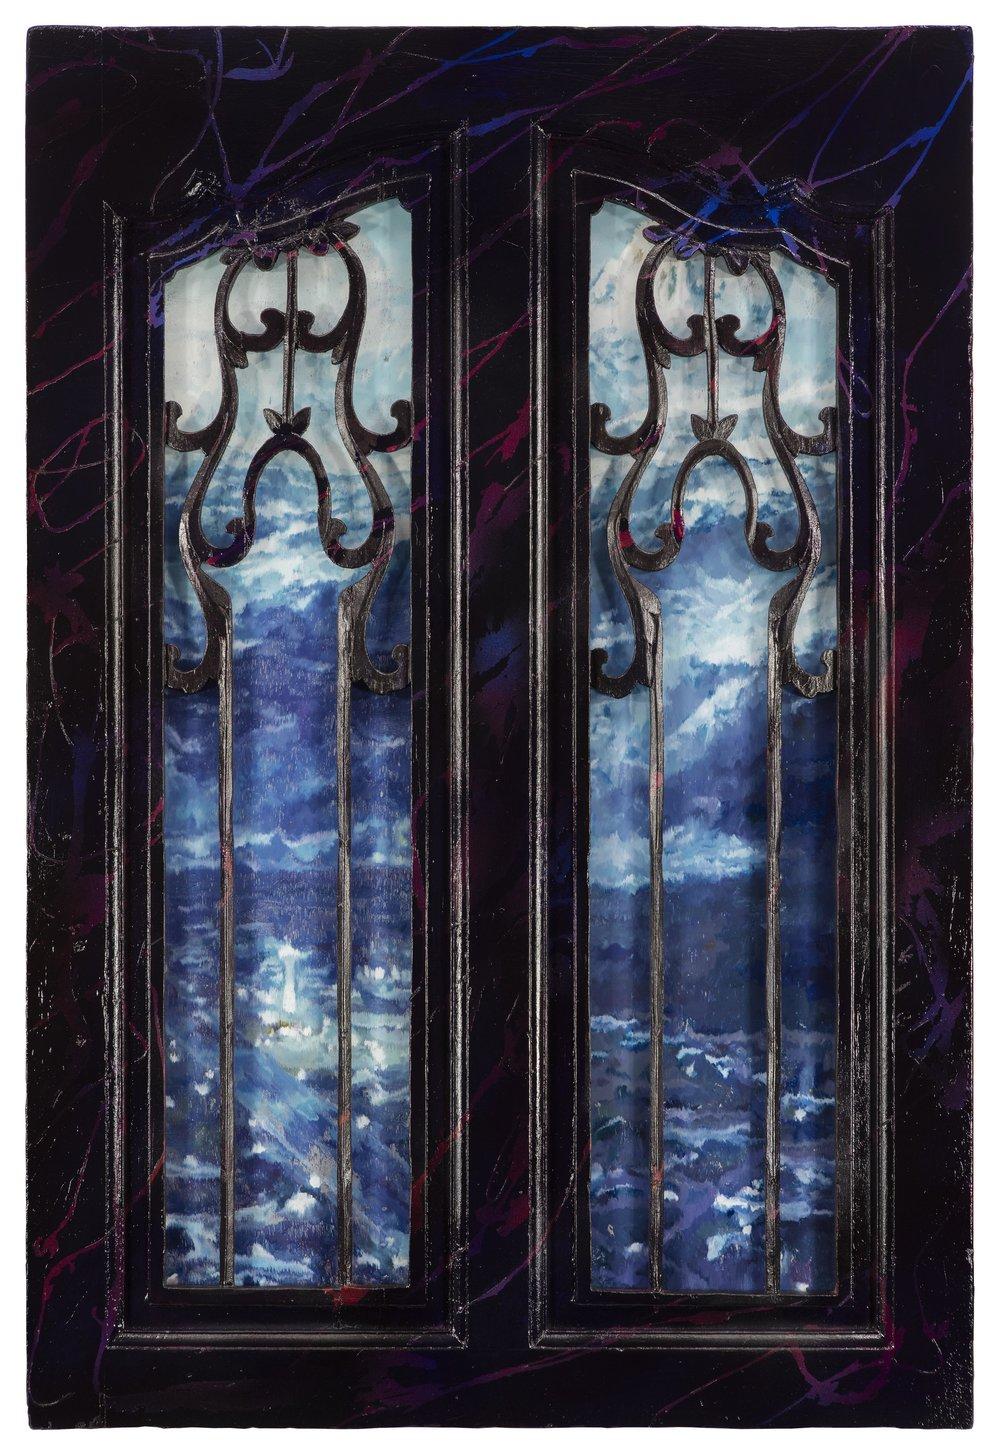 李青 Li Qing   窗·海啸 Window · Tsunami 木、油彩、有机玻璃、丙烯、漆、铝塑板 Wood, Oil on Plexiglass, Acrylic, Paint, Aluminium-plastic Panel   72 x 49 x 3 cm  2017.jpg